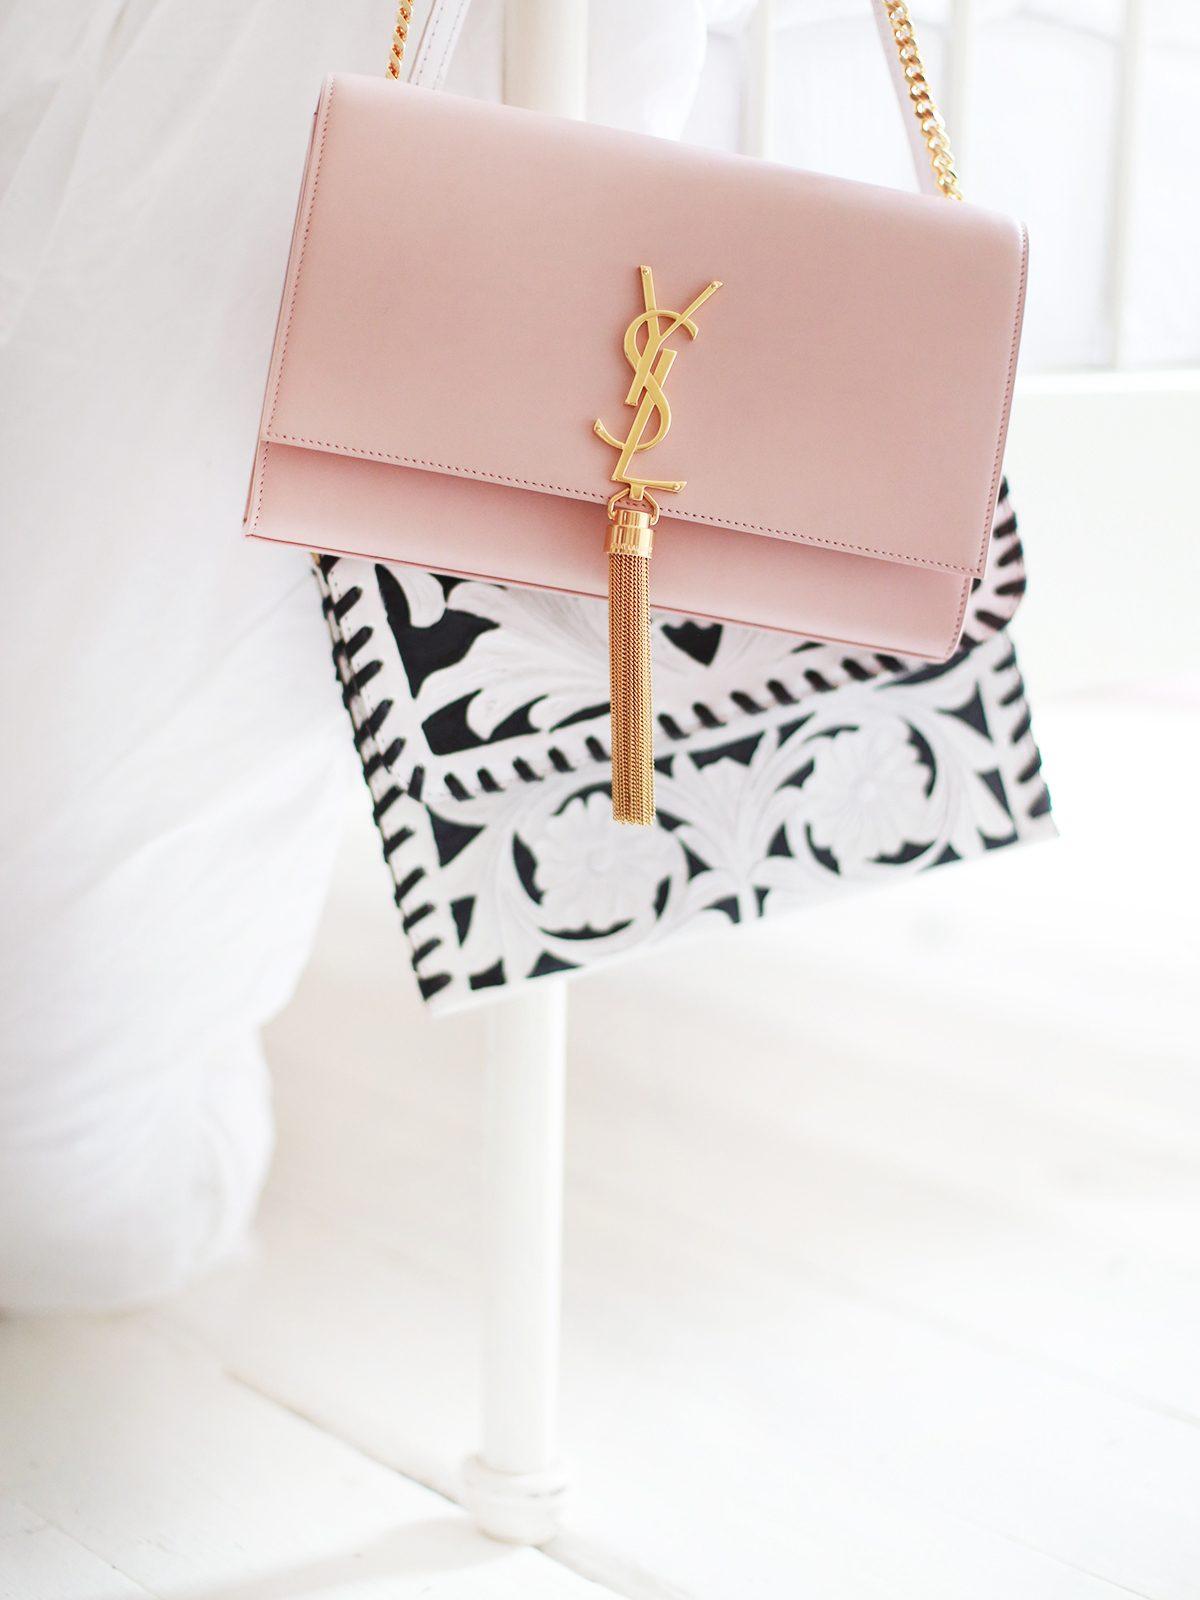 The Blush Pink Bag. - KATE LA VIE